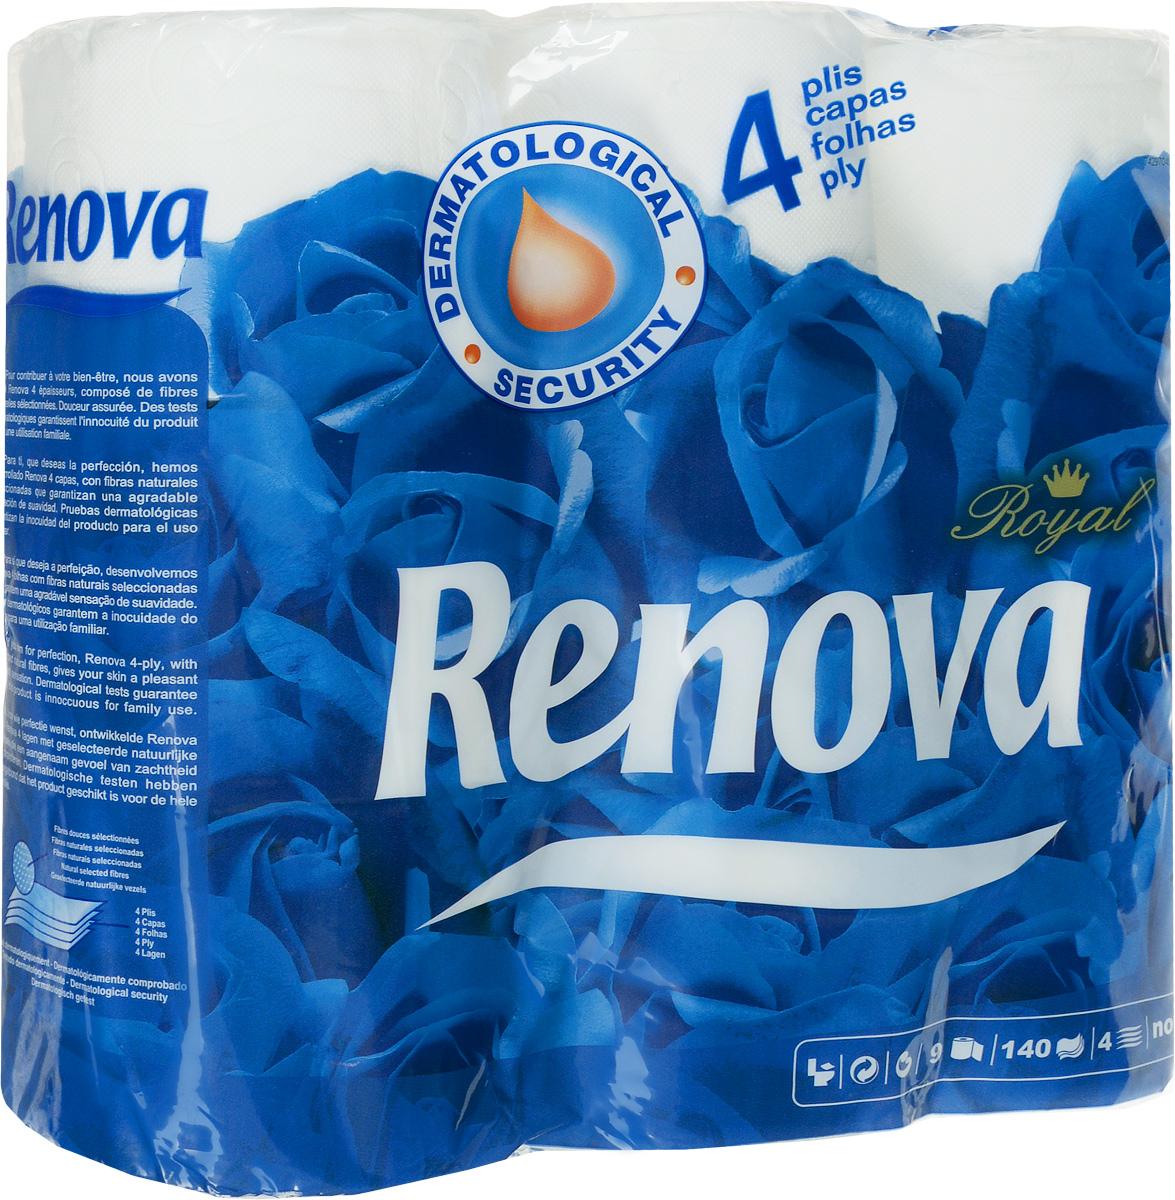 Туалетная бумага Renova Royal, четырехслойная, цвет: белый, 9 рулонов1301210Туалетная бумага Renova Royal изготовлена по новейшей технологии из 100% целлюлозы, благодаря чему она очень мягкая, нежная, но в тоже время прочная. Перфорация надежно скрепляет четыре слоя бумаги. Туалетная бумага Renova Royal не содержит ароматизаторов и красителей. Состав: 100% целлюлоза. Количество листов: 140 шт.Количество слоев: 4.Размер листа: 11,5 см х 9,5 см.Количество рулонов: 9 шт.Португальская компания Renova является ведущим разработчиком новейших технологий производства, нового стиля и направления на рынке гигиенической продукции.